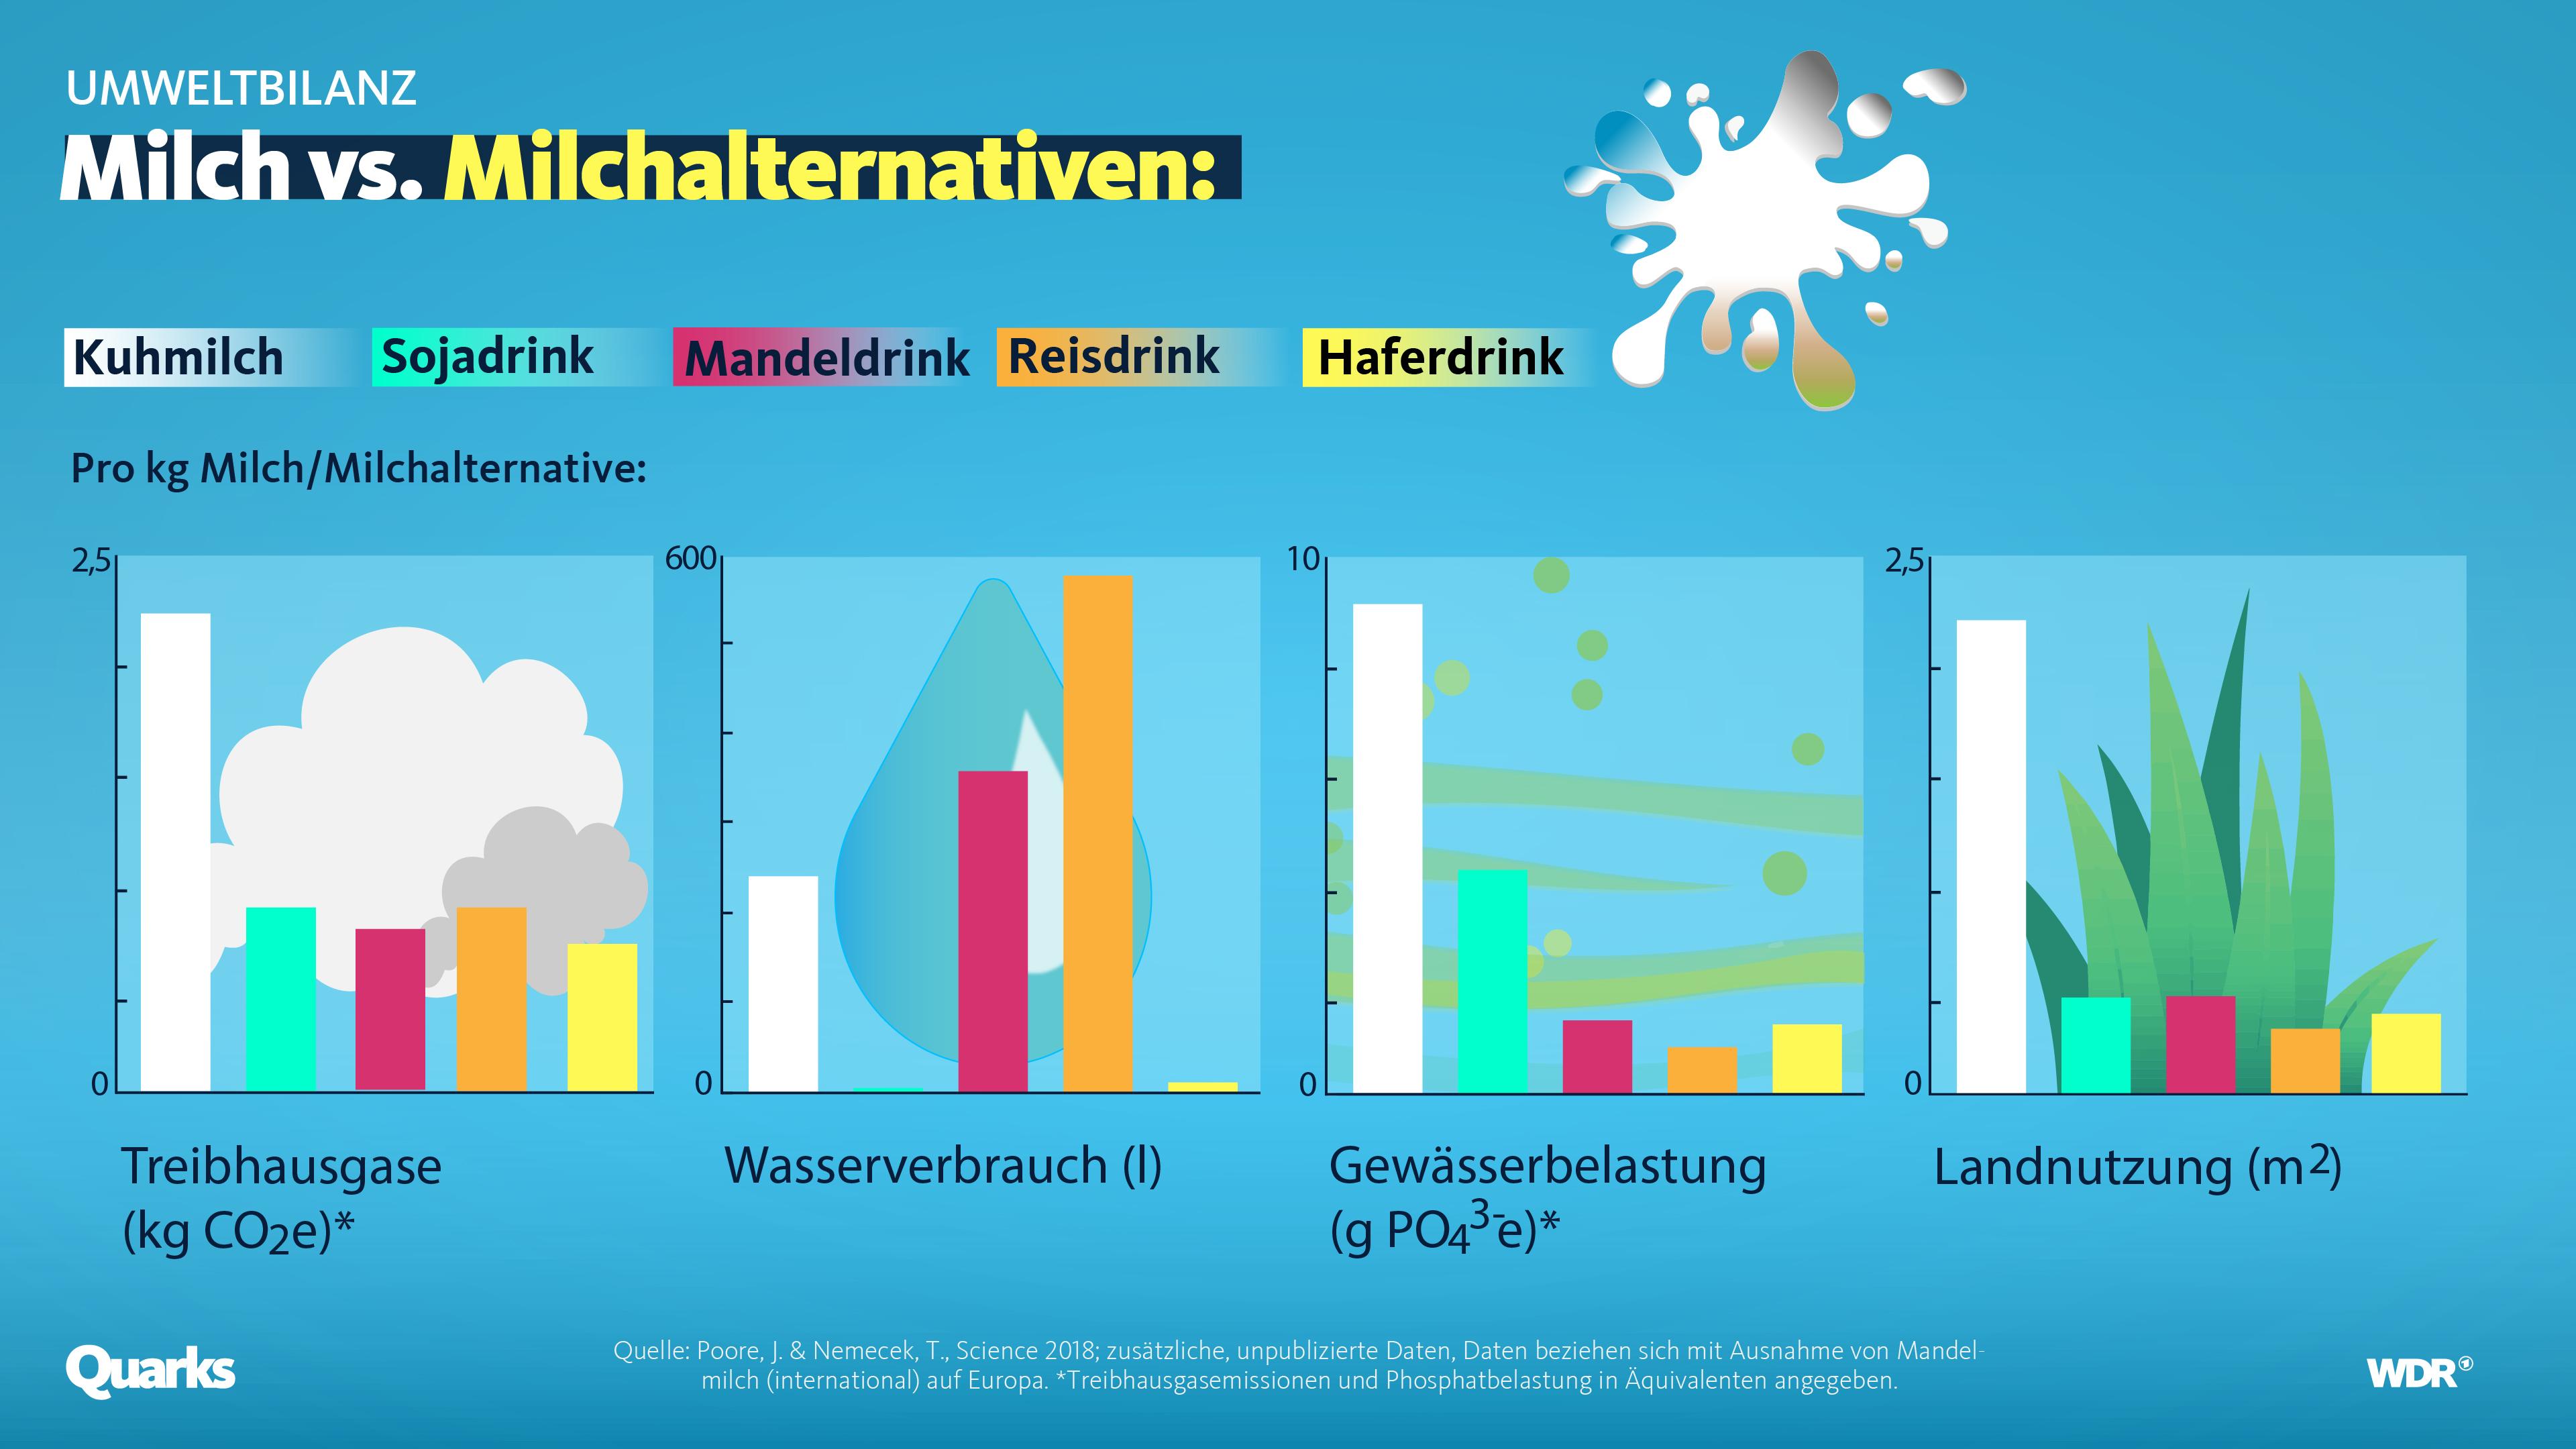 Grafik zur Umweltbelastung durch Milch und Milchalternativen.